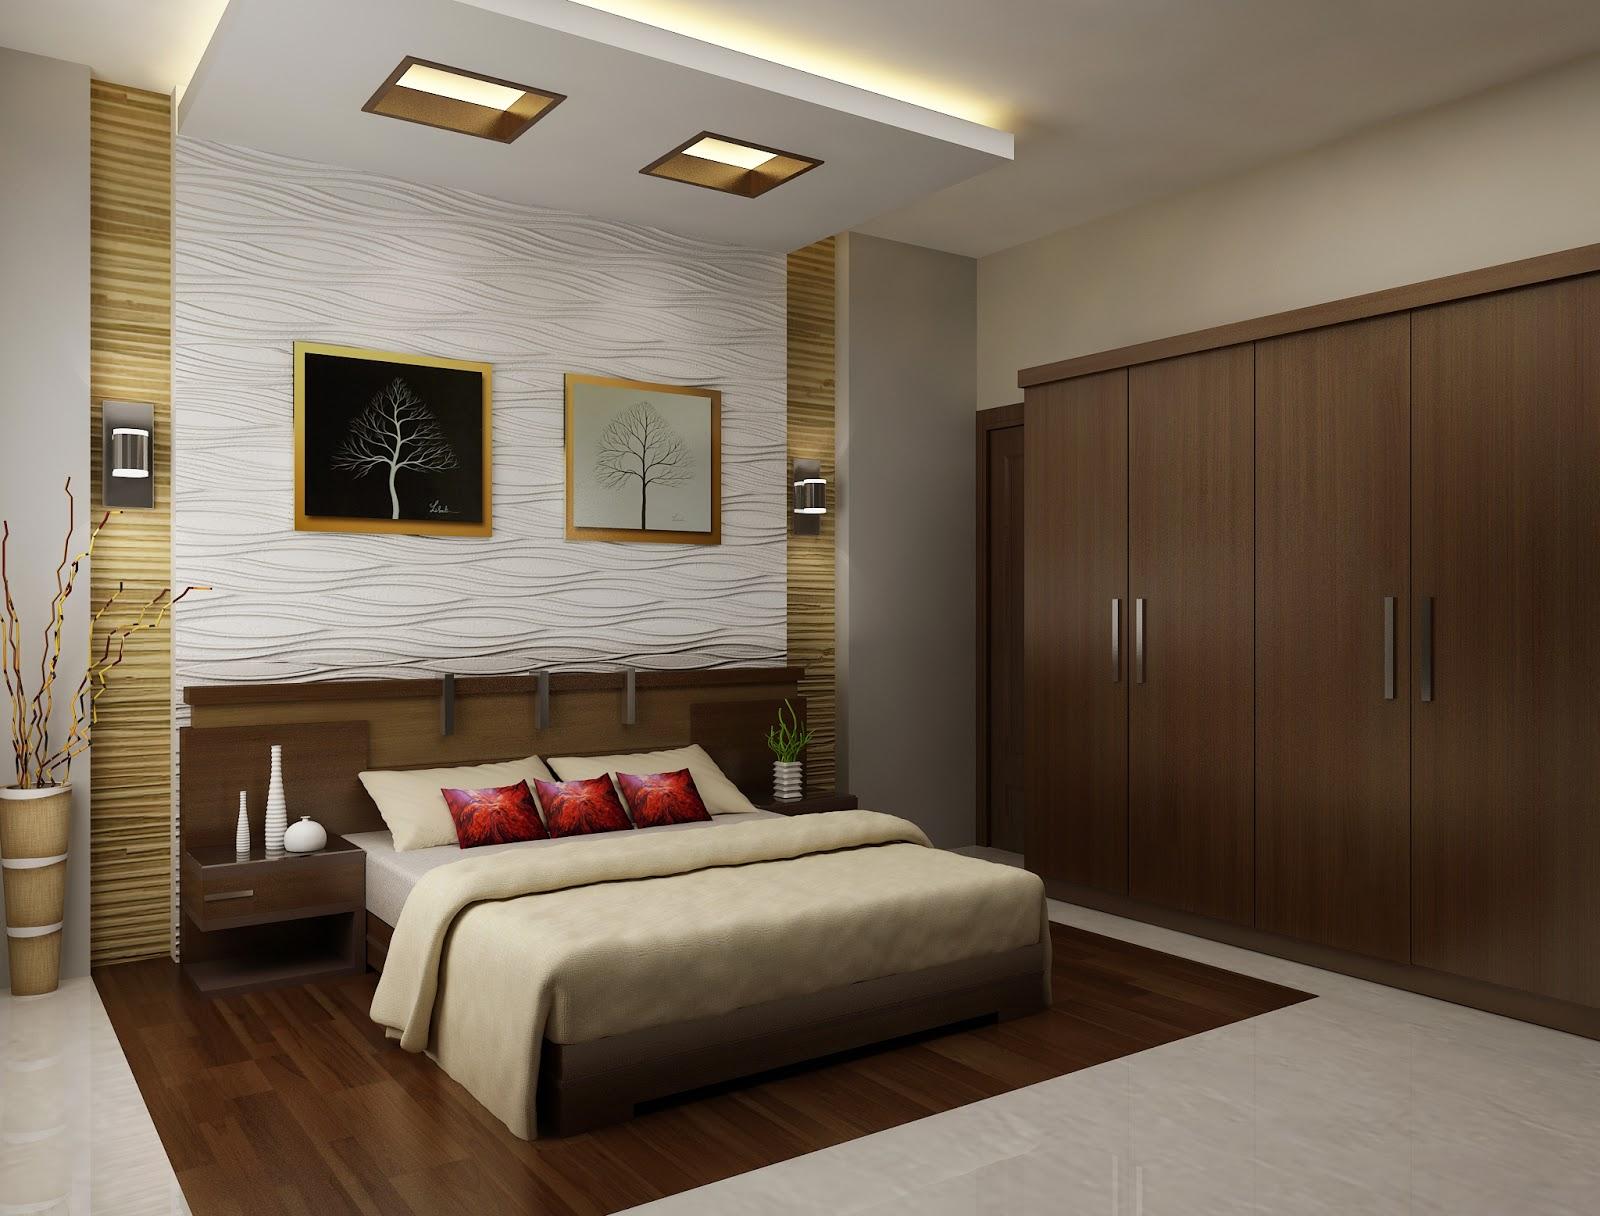 Interior Bedroom Design Dreams House